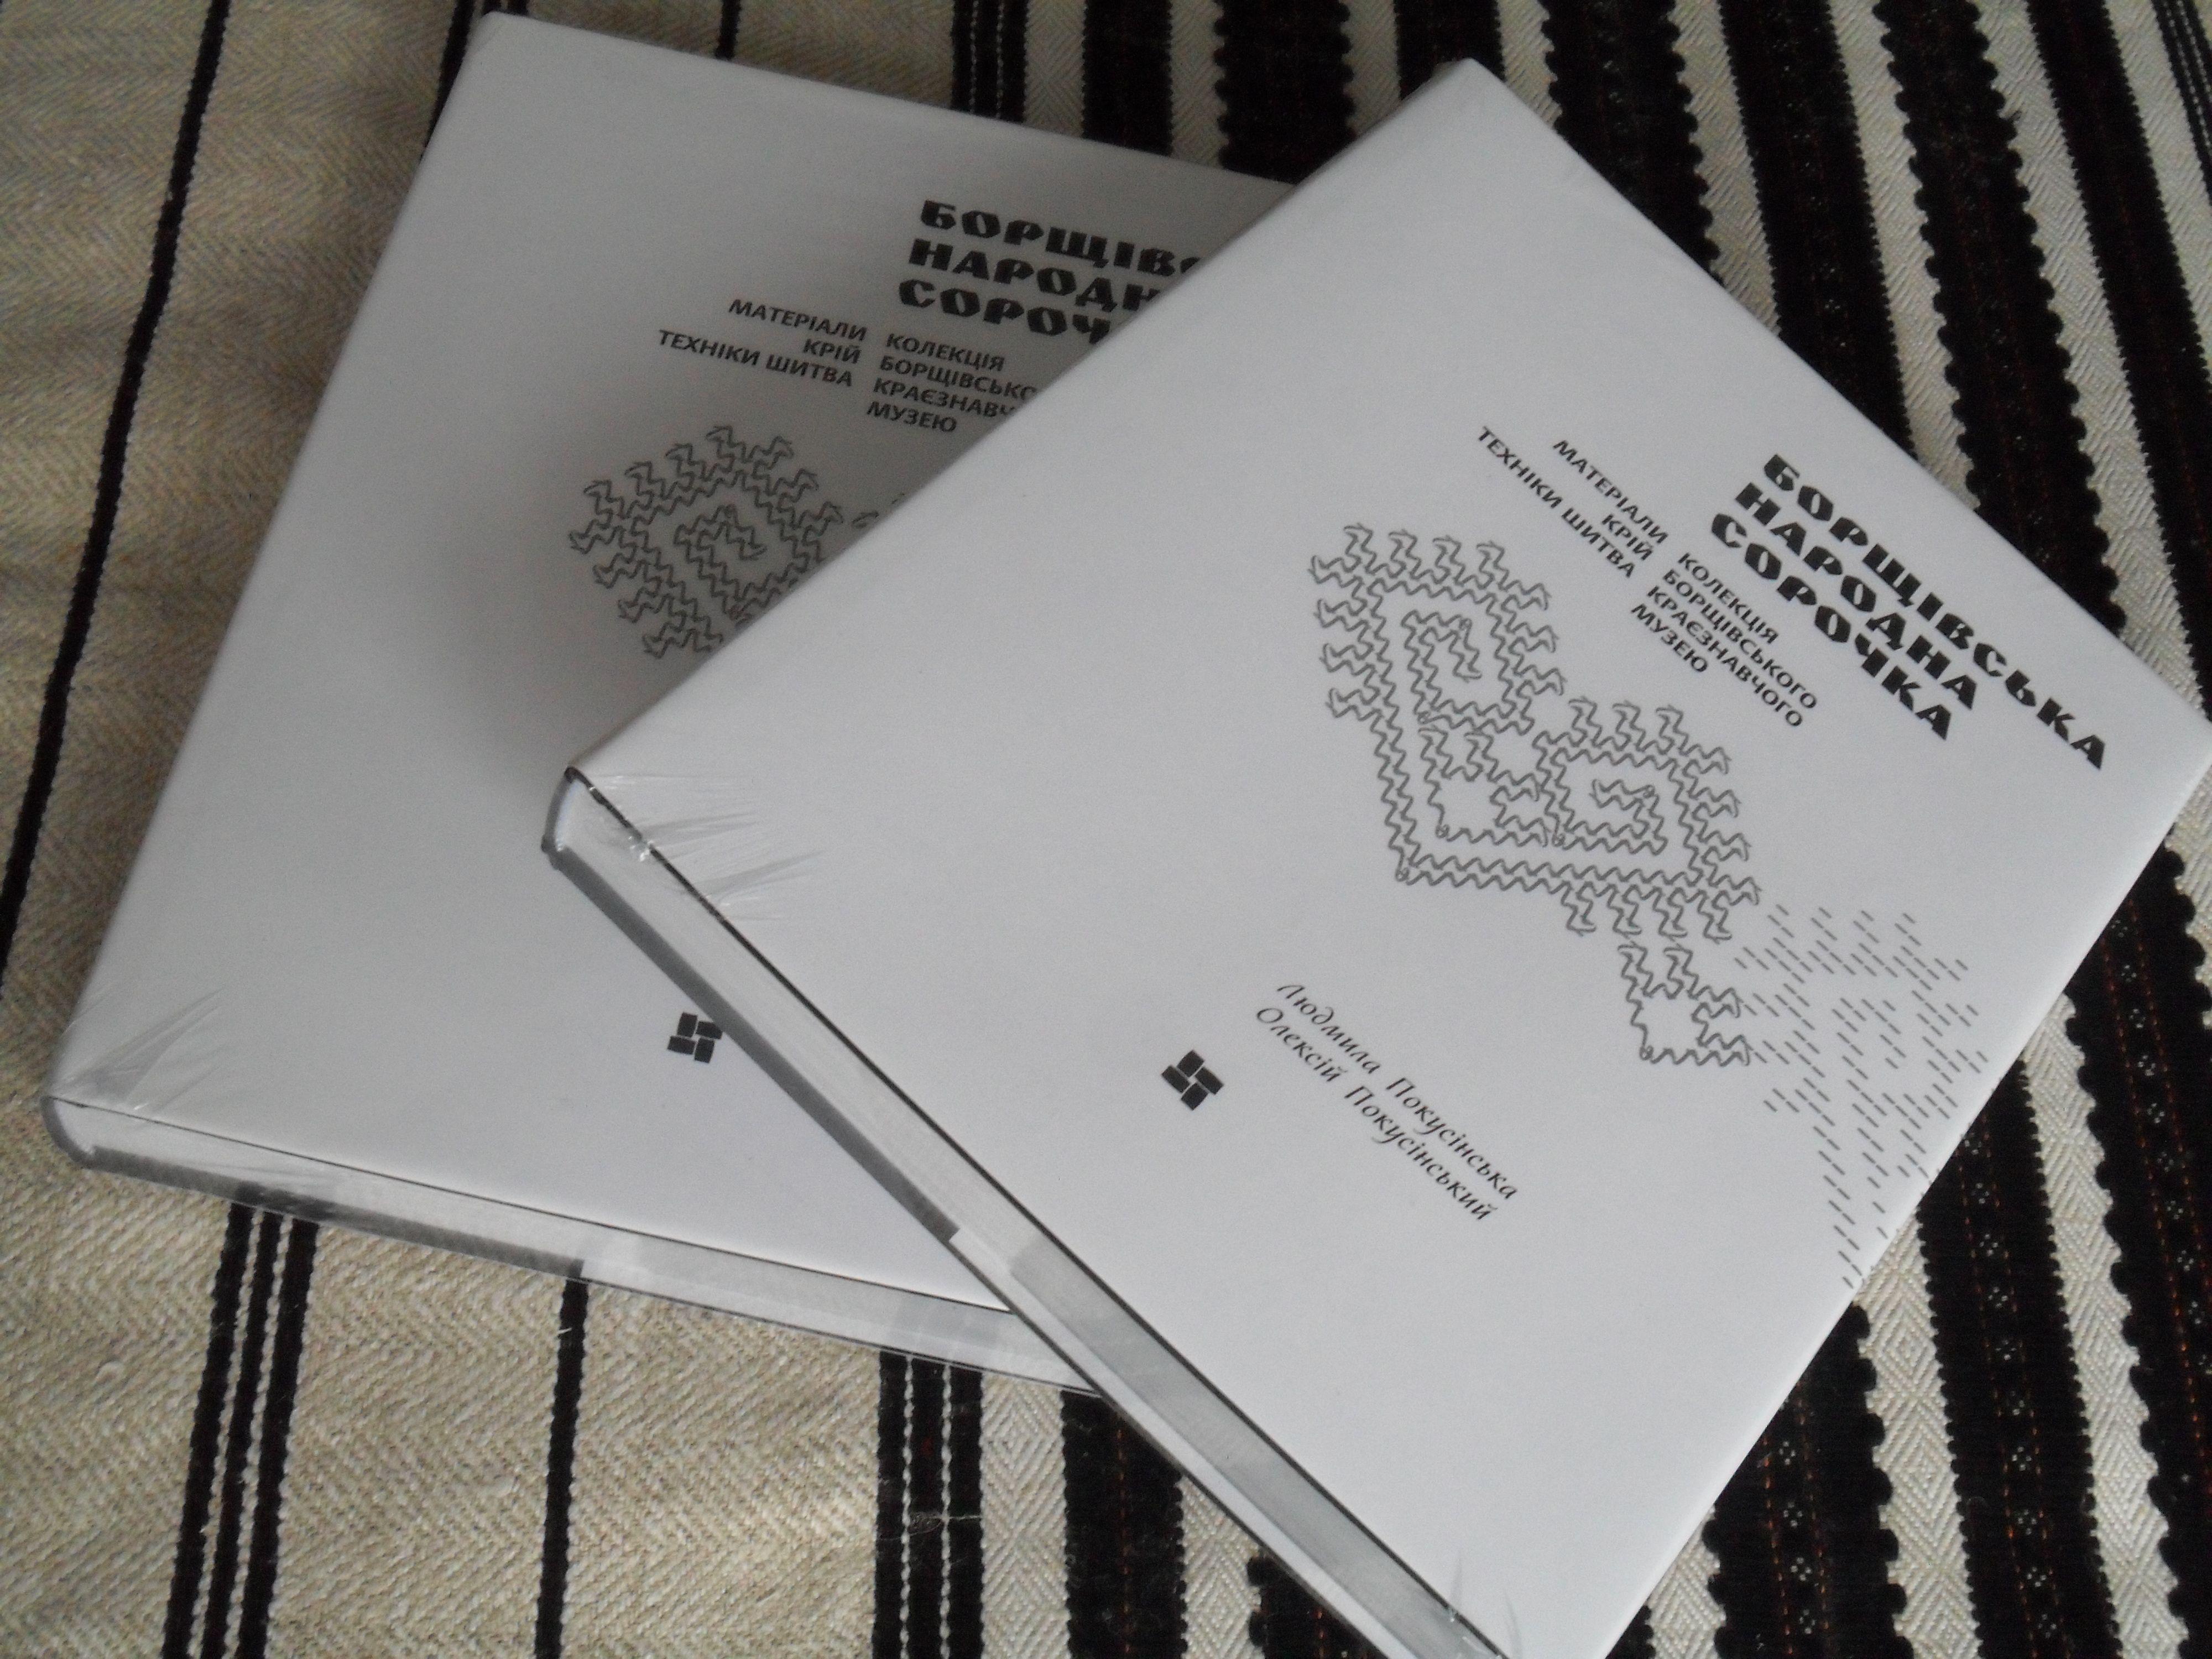 Покусінські  Борщівська народна сорочка. Запакована в плівці нова книга. bad18c6411c02